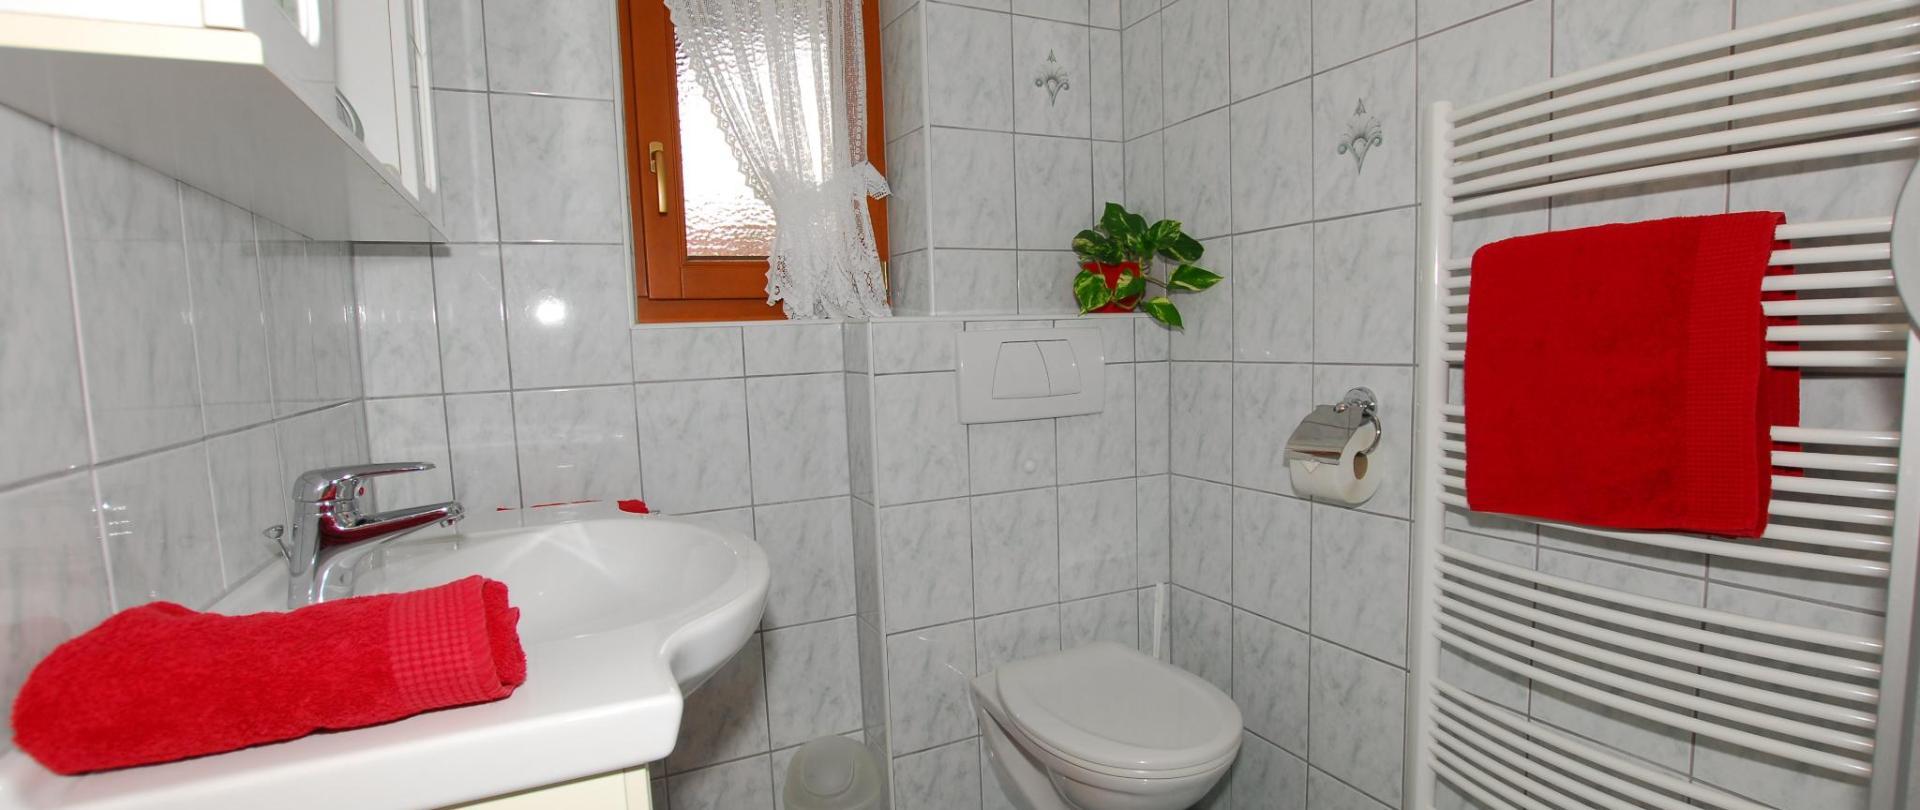 Bad Wohnung Ahornblick